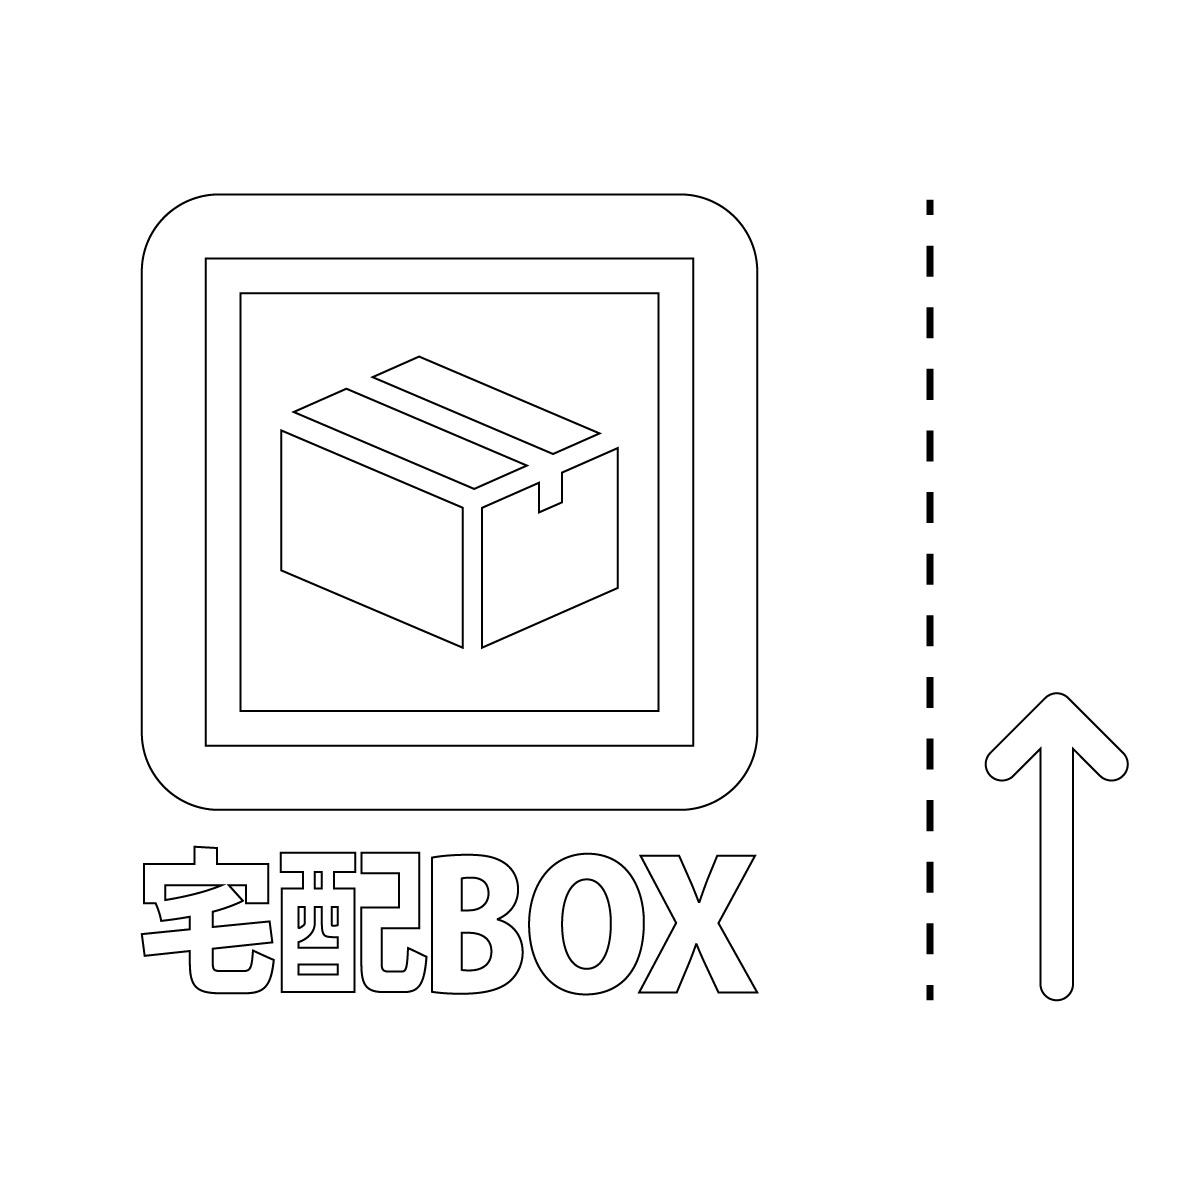 白色の宅配BOX 案内 シール ステッカー カッティングステッカー